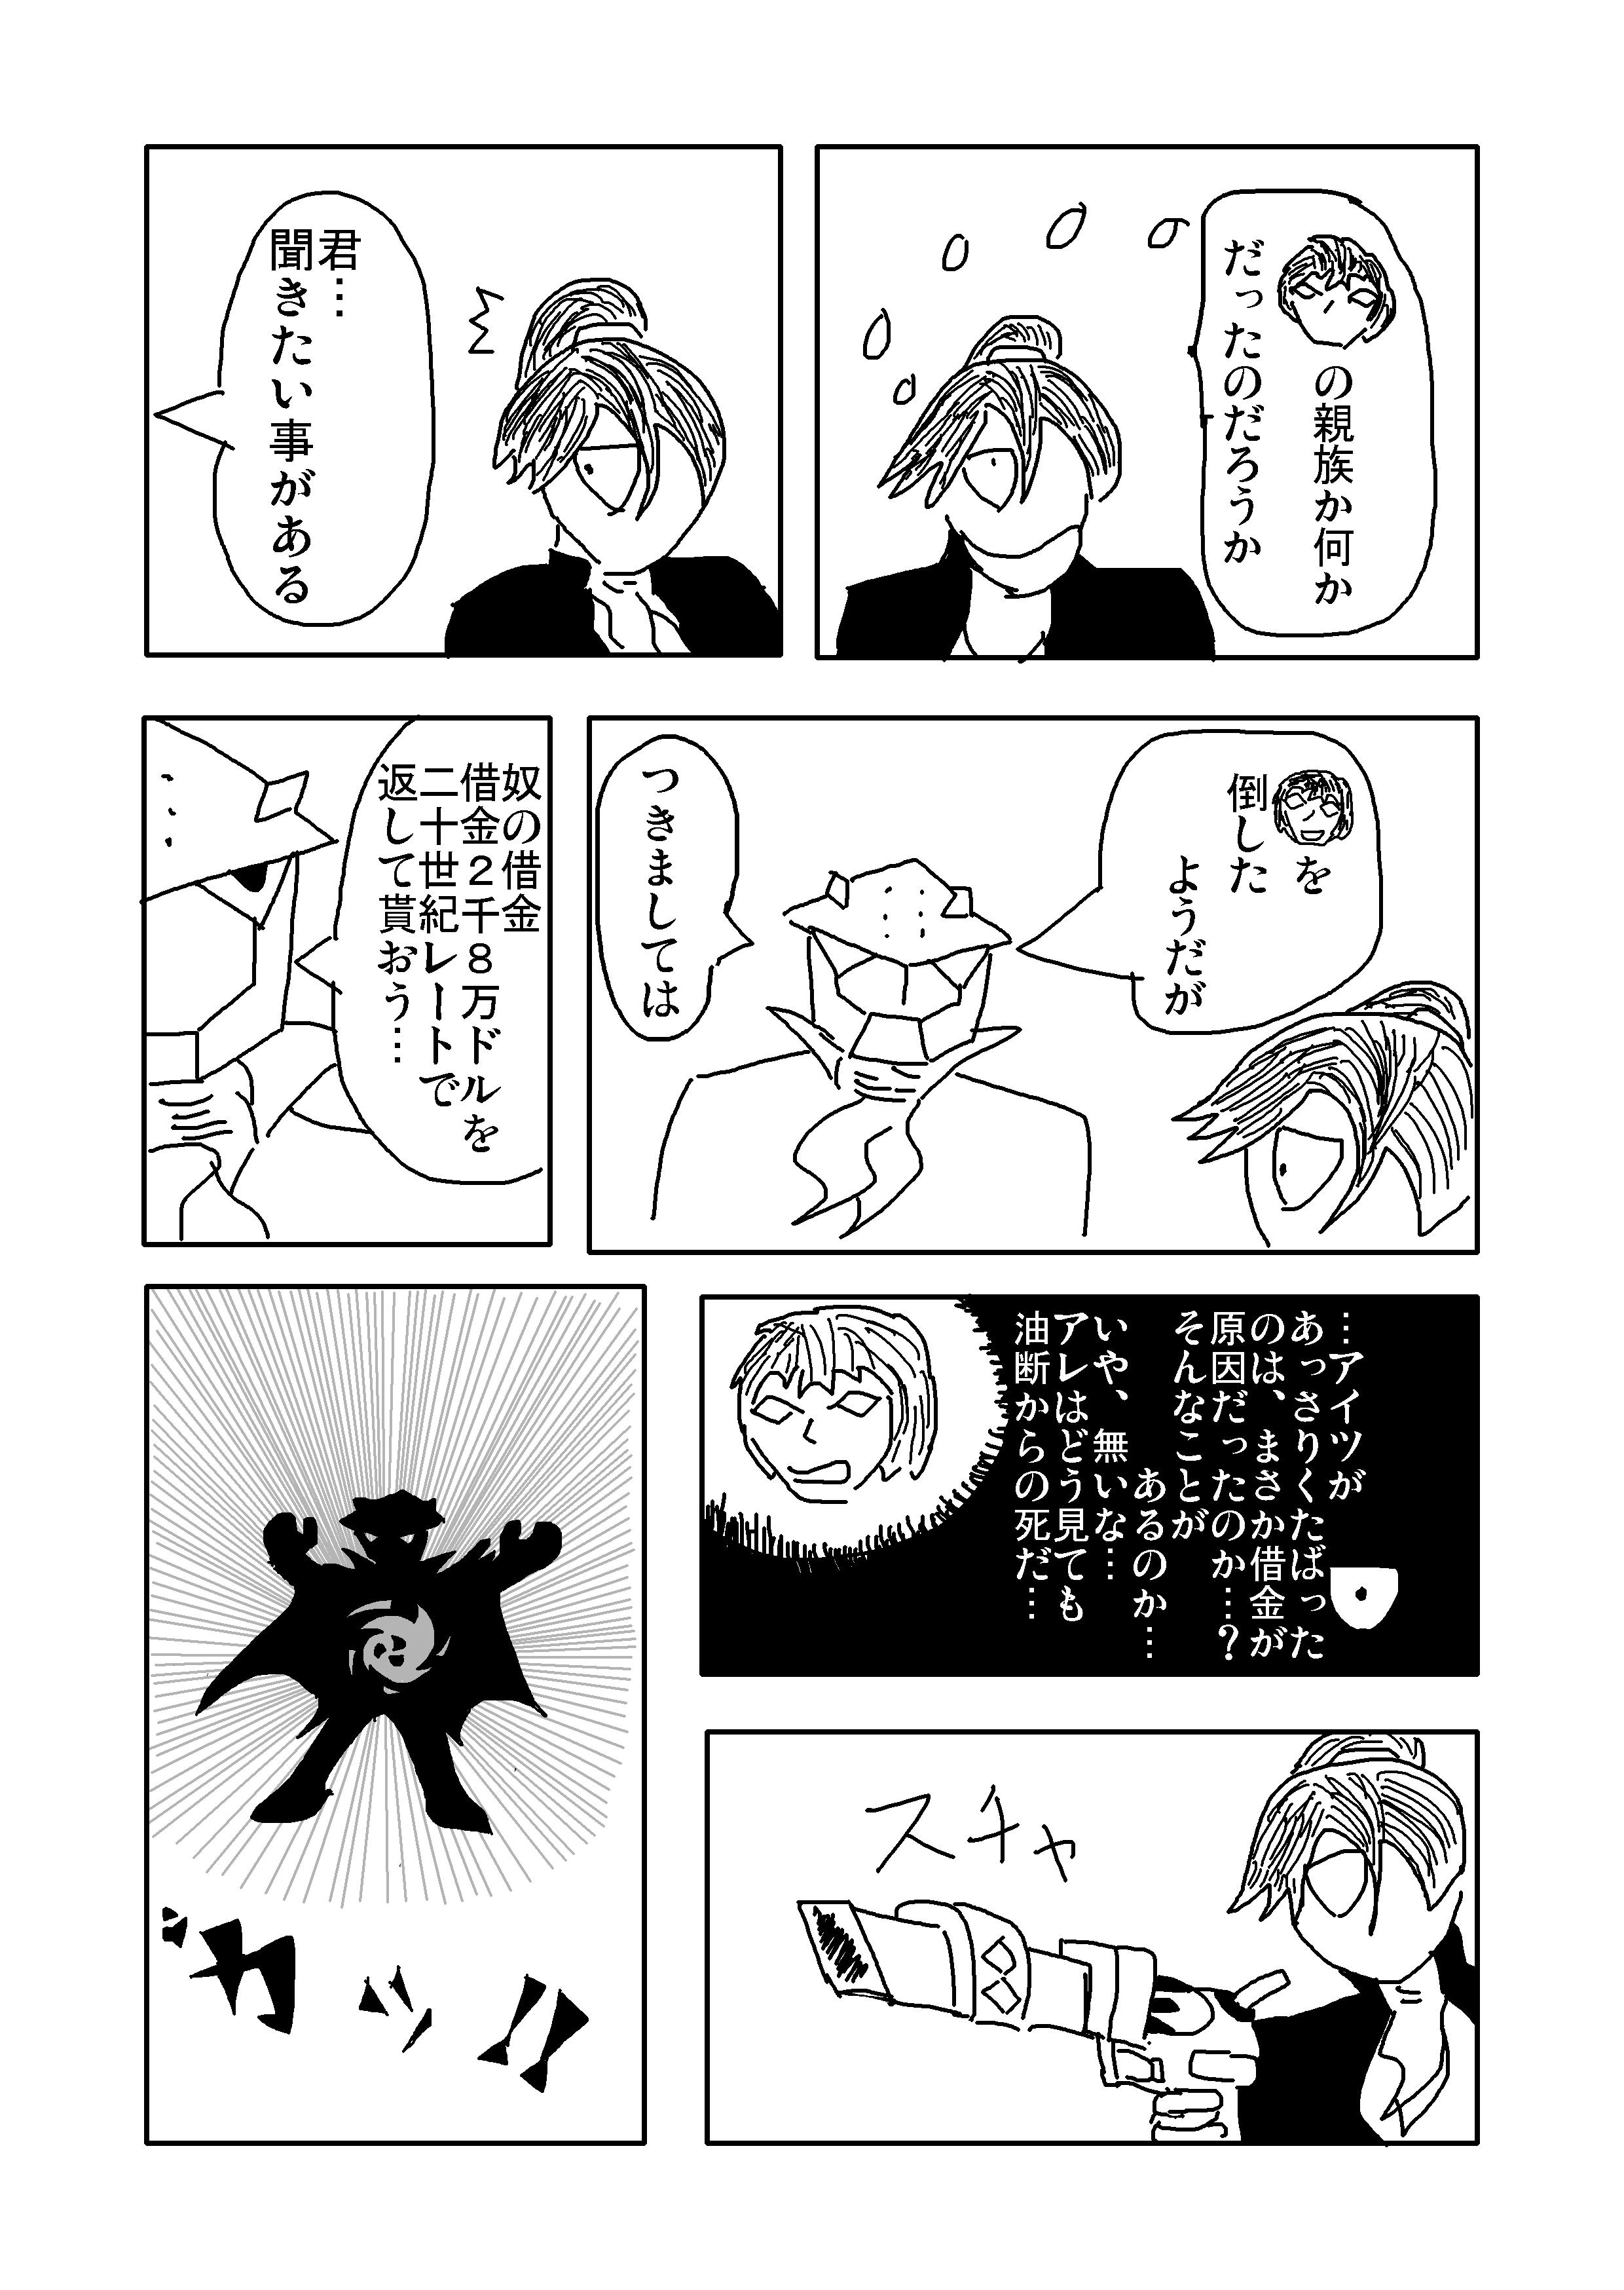 man6.png